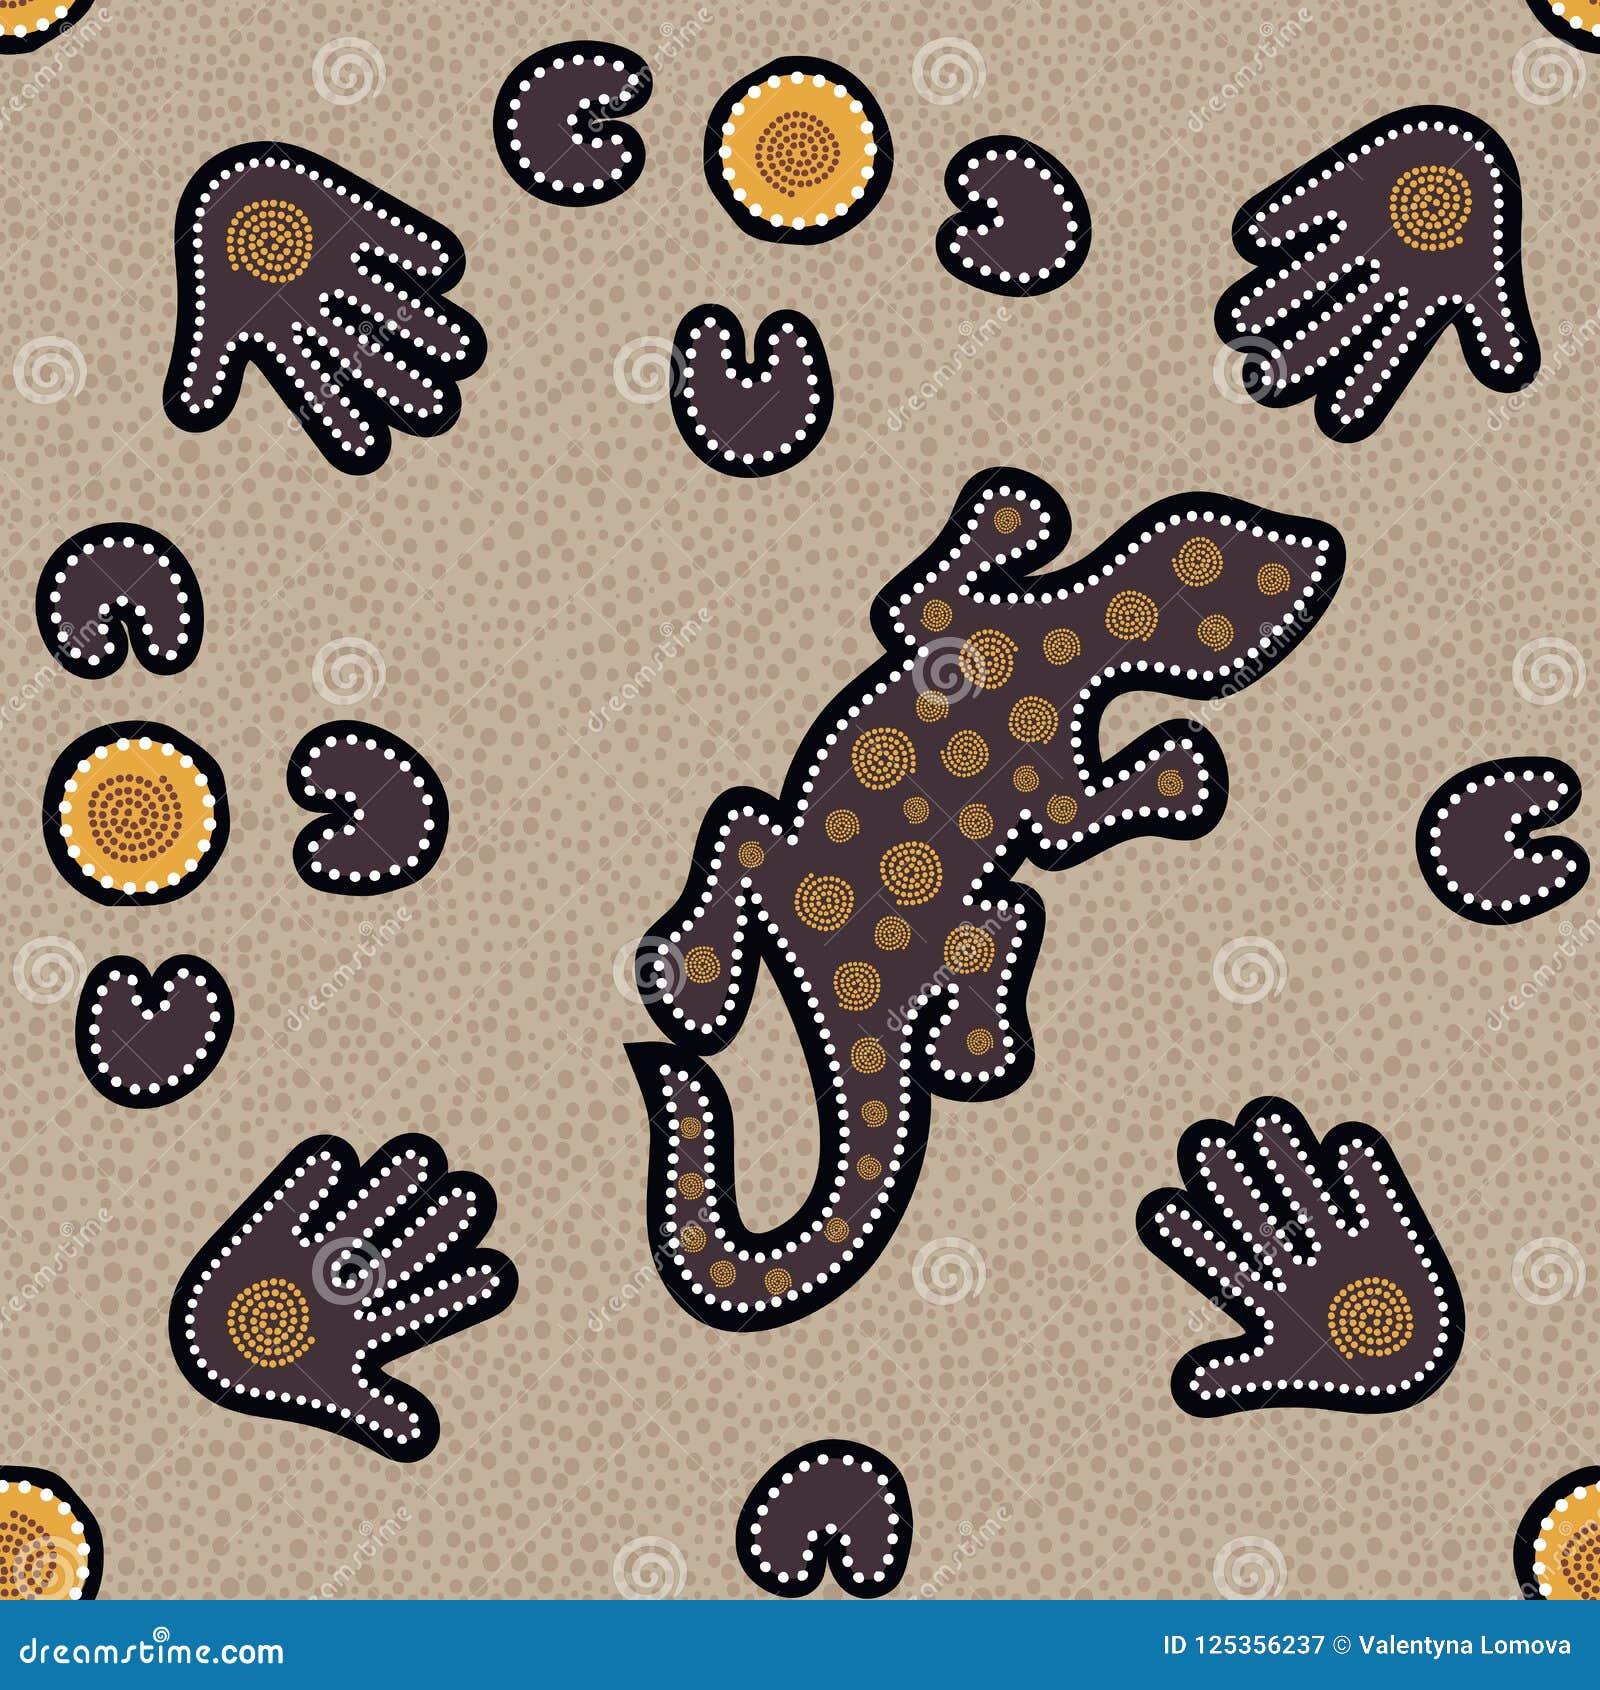 Australisches eingeborenes nahtloses Muster mit punktierten Kreisen, Eidechse, Palmen, Bumerangs und Spiralen